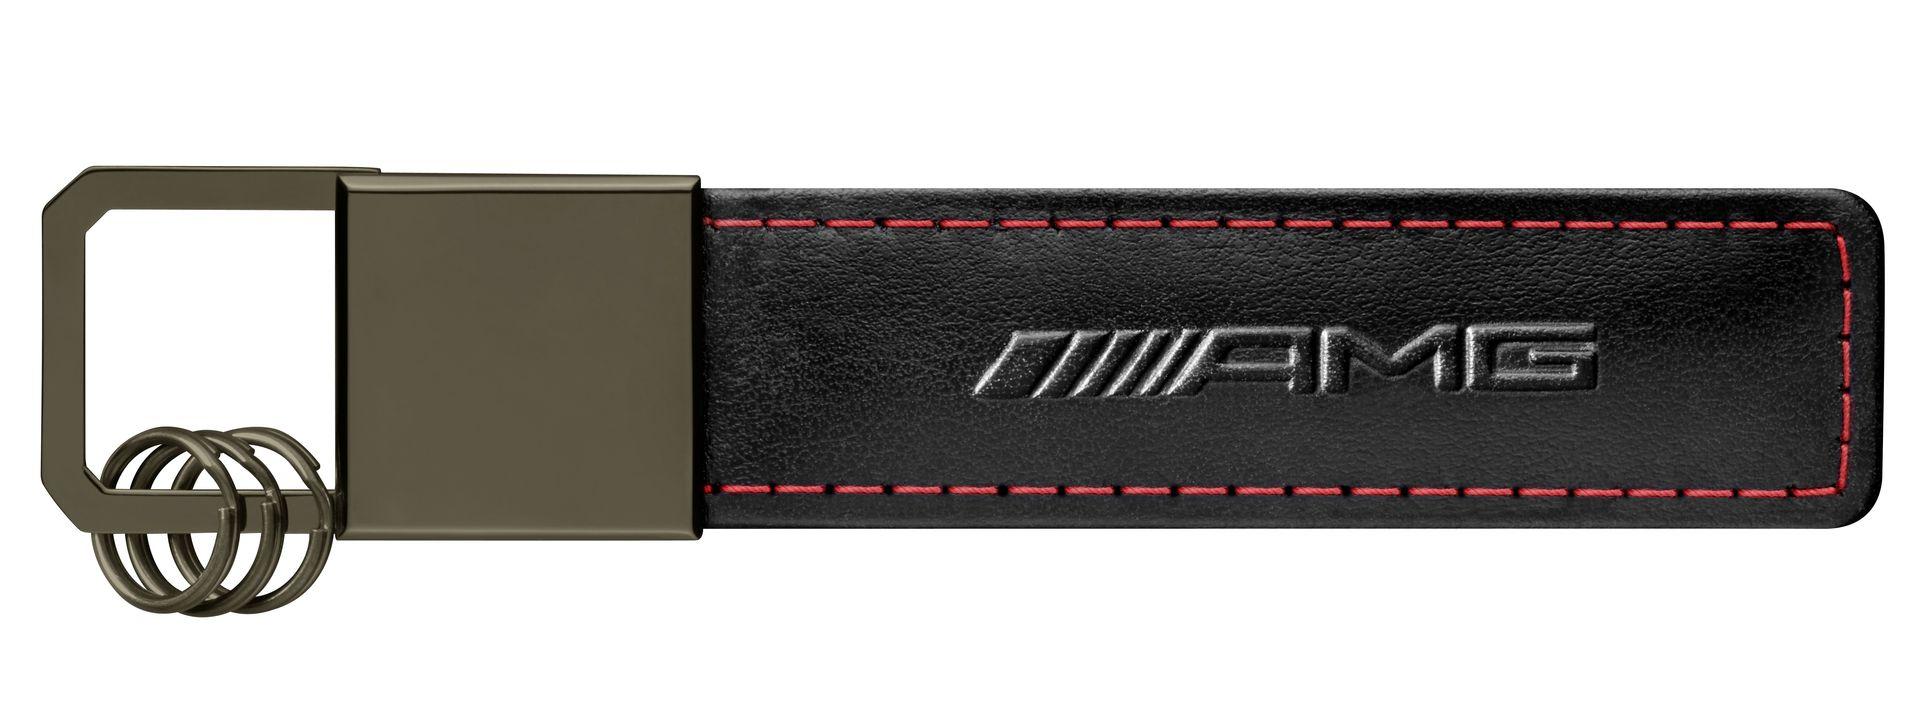 Брелок Mercedes-Benz Key Ring Traffic Red AMG, Black/Red/Silver